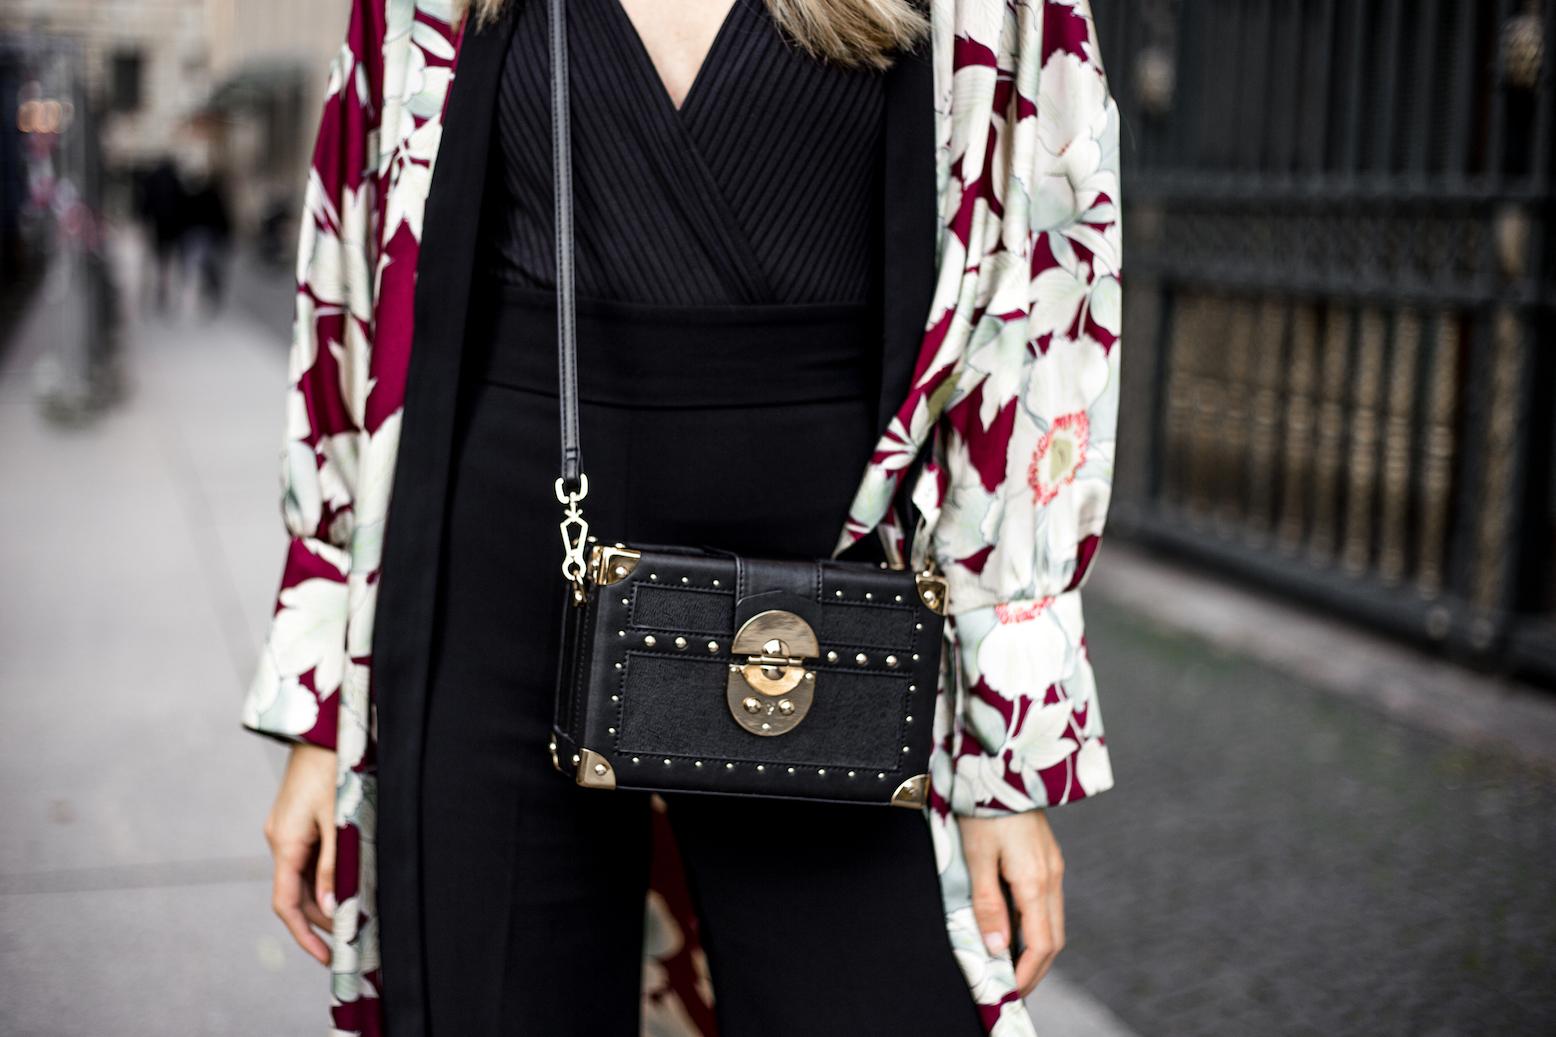 livia-auer-floral-kimono-outfit-IMG_2027